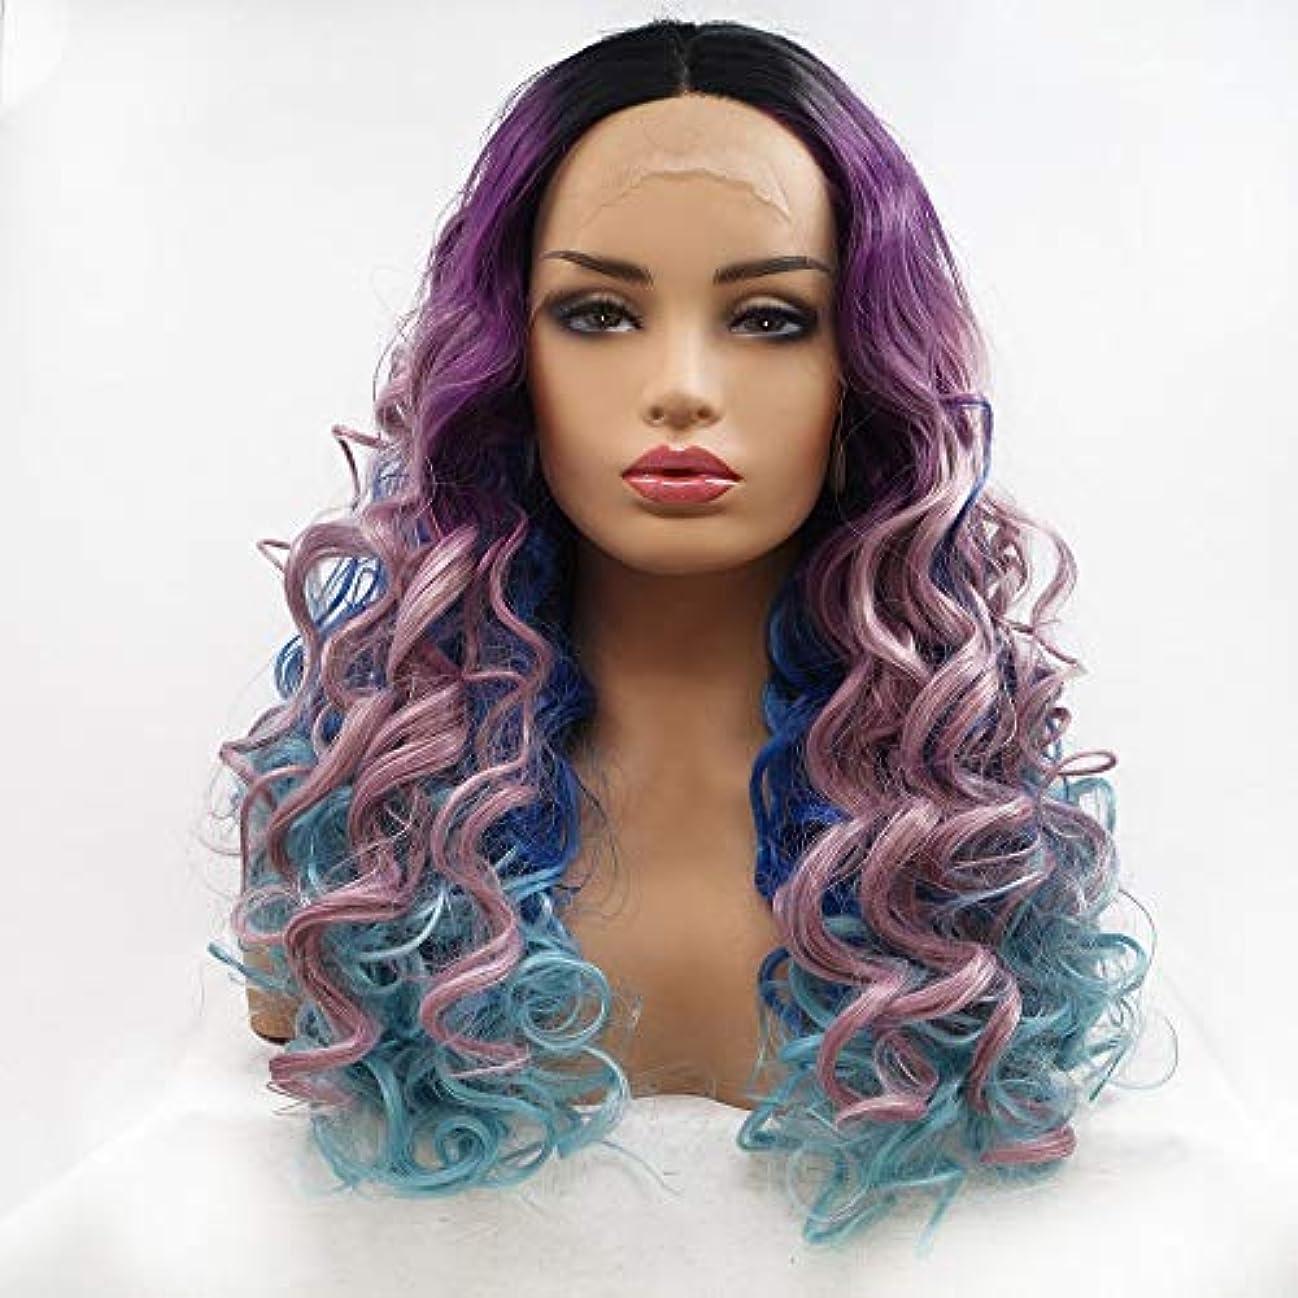 太い鑑定代理人HAILAN HOME-かつら ウィッグ髪に紫、濃い青 - 青 - 勾配Farseeing髪カーリーヘアウィッグレディース手作りのレースのヨーロッパとアメリカのウィッグセットが生物リアルな換気を設定します。